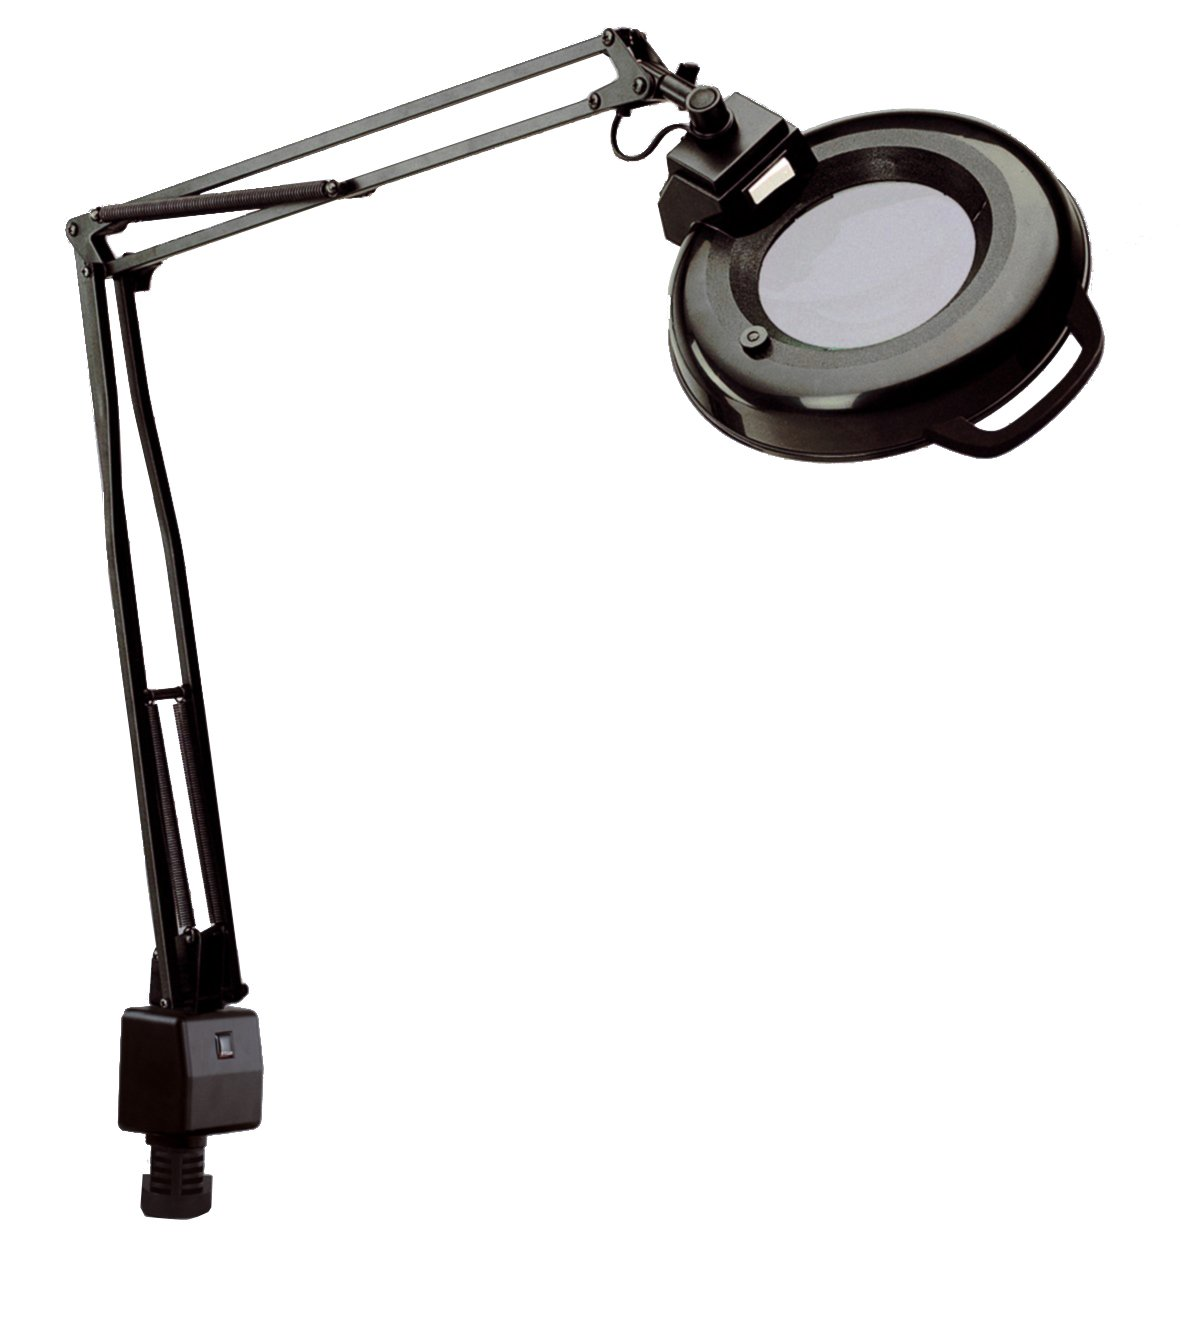 Amazon.com: Electrix 7121 BLACK Magnifier Lamp, Fluorescent, Clamp ...